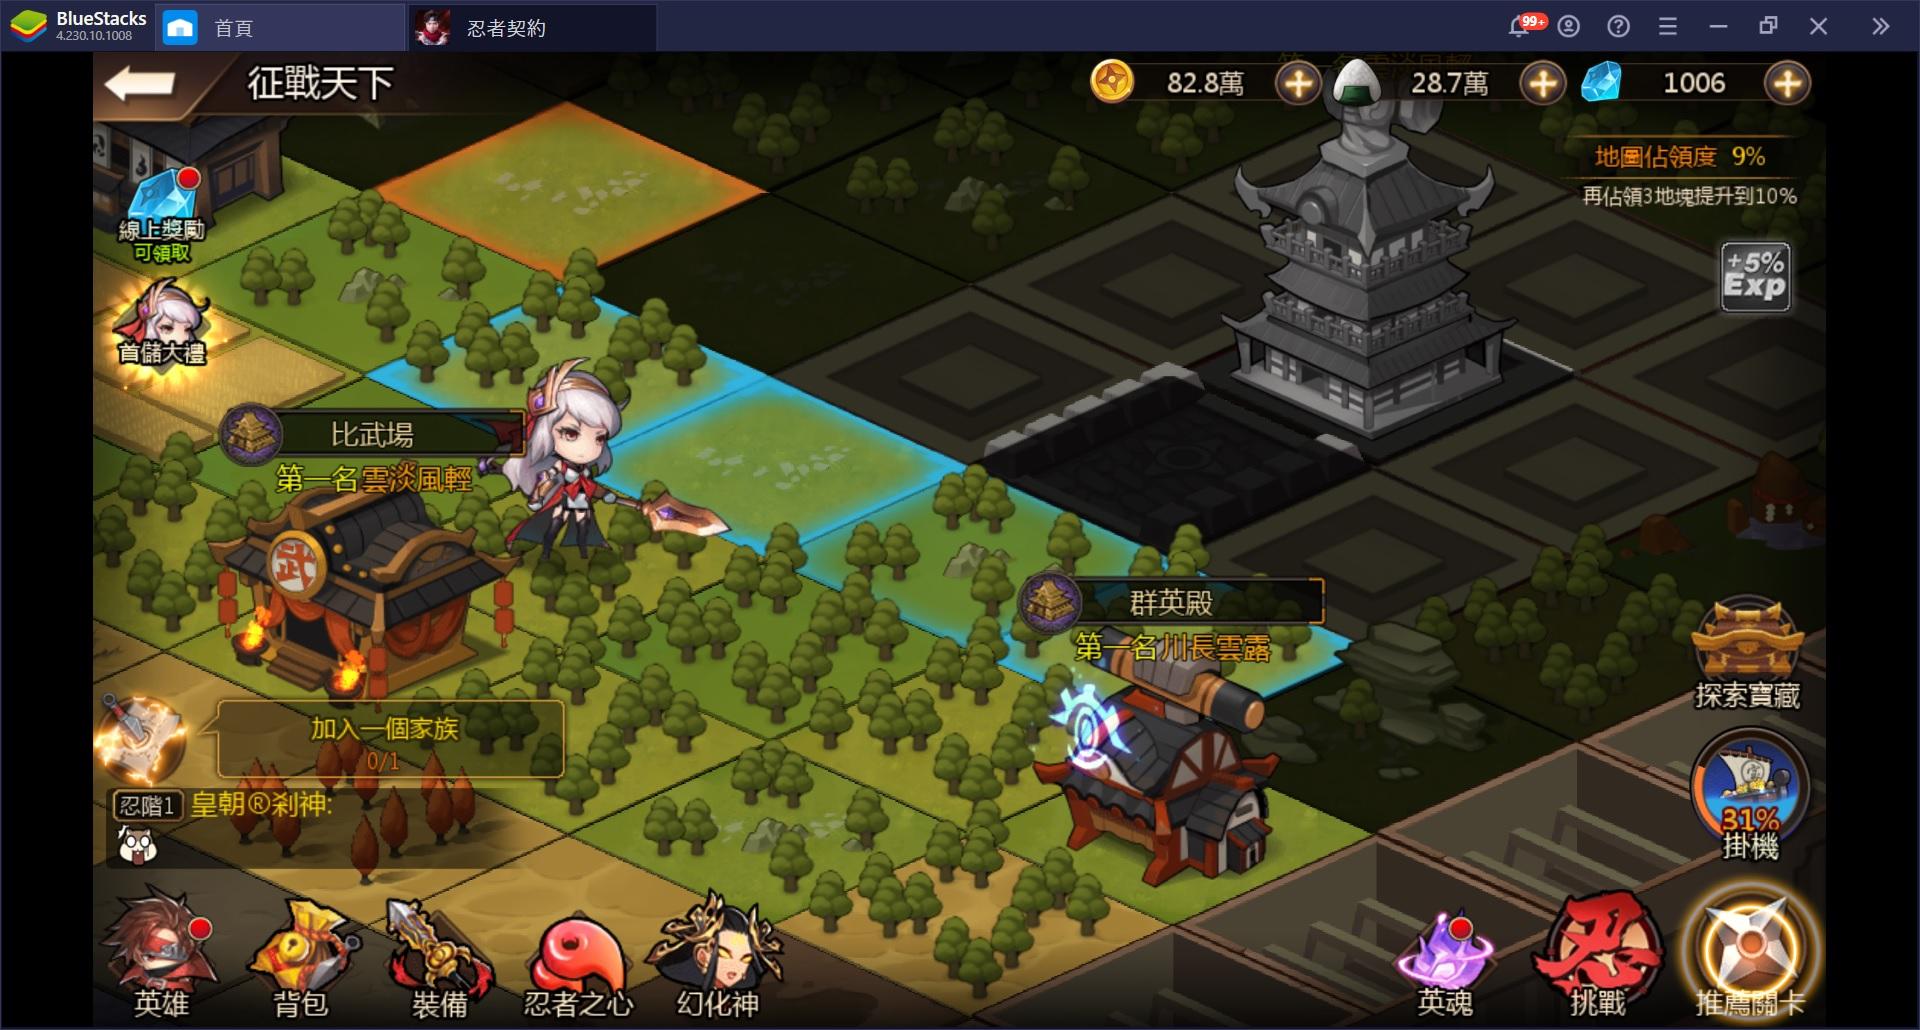 使用BlueStacks在PC上體驗忍者卡牌 RPG《忍者契約》